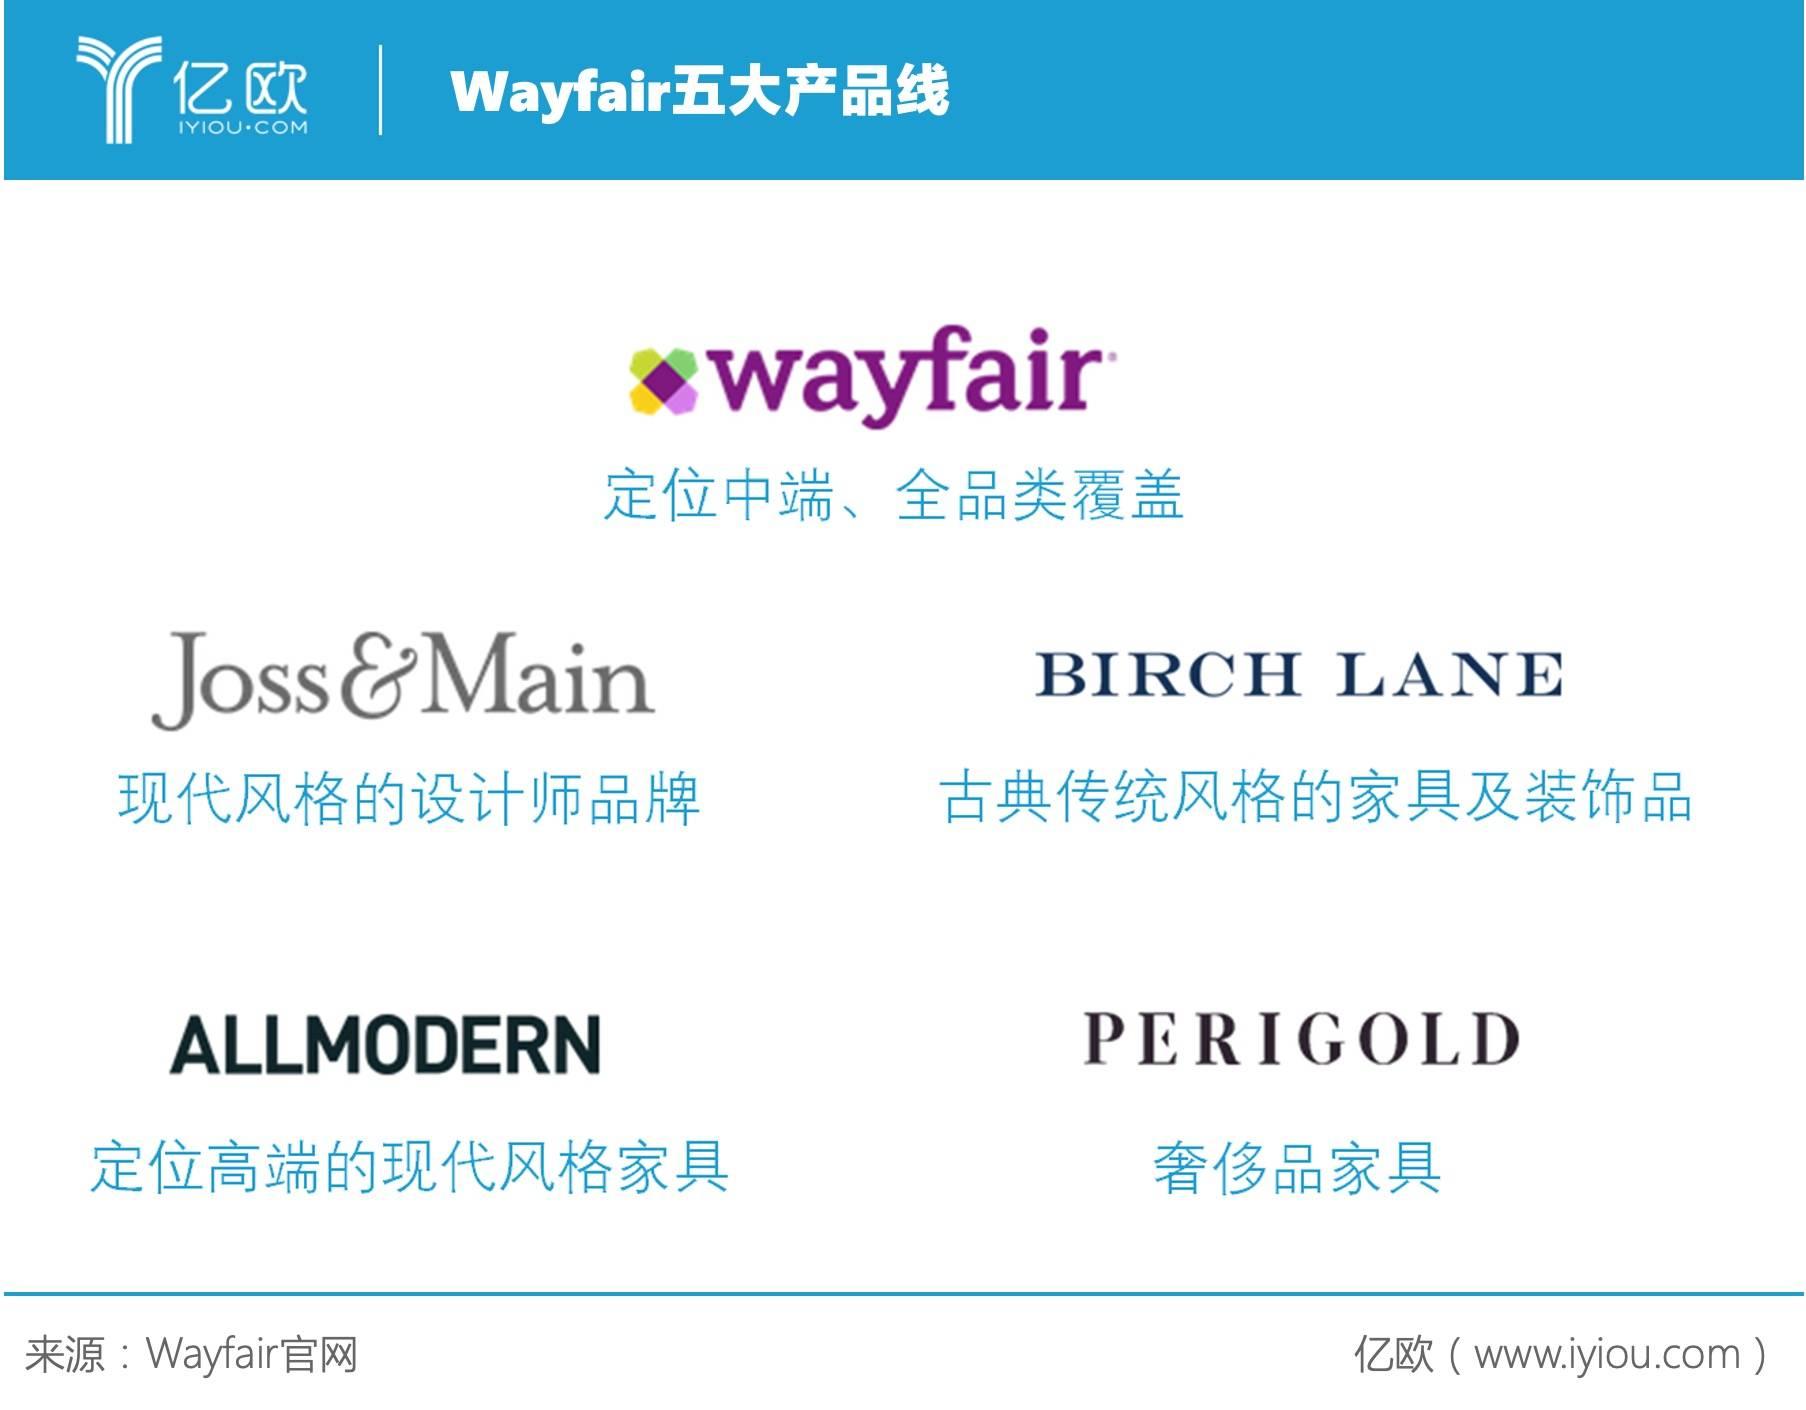 Wayfair五大产品线